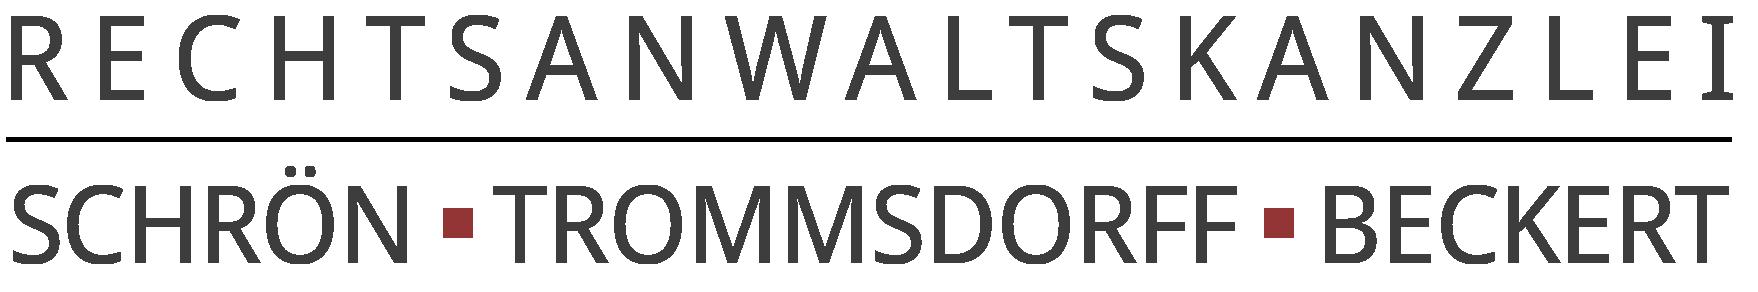 Rechtsanwaltskanzlei Schrön | Trommsdorff | Beckert Logo